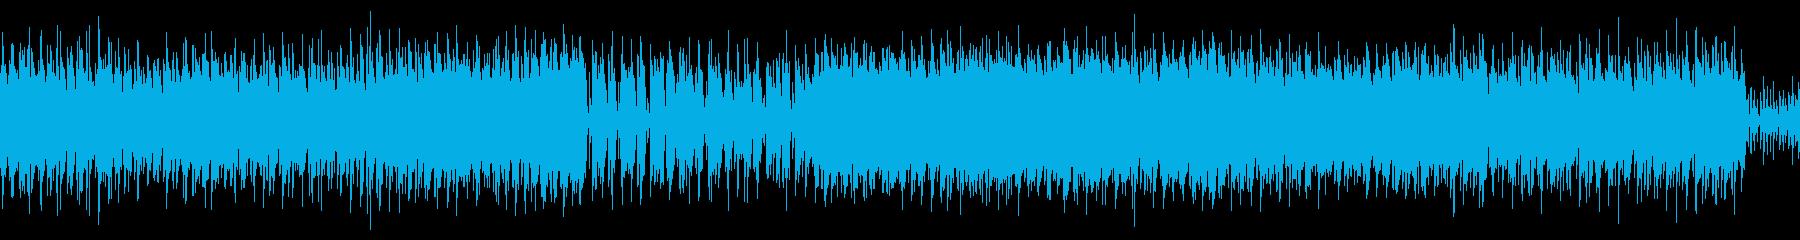 【ループ】陽気な酒場に合うケルト音楽の再生済みの波形